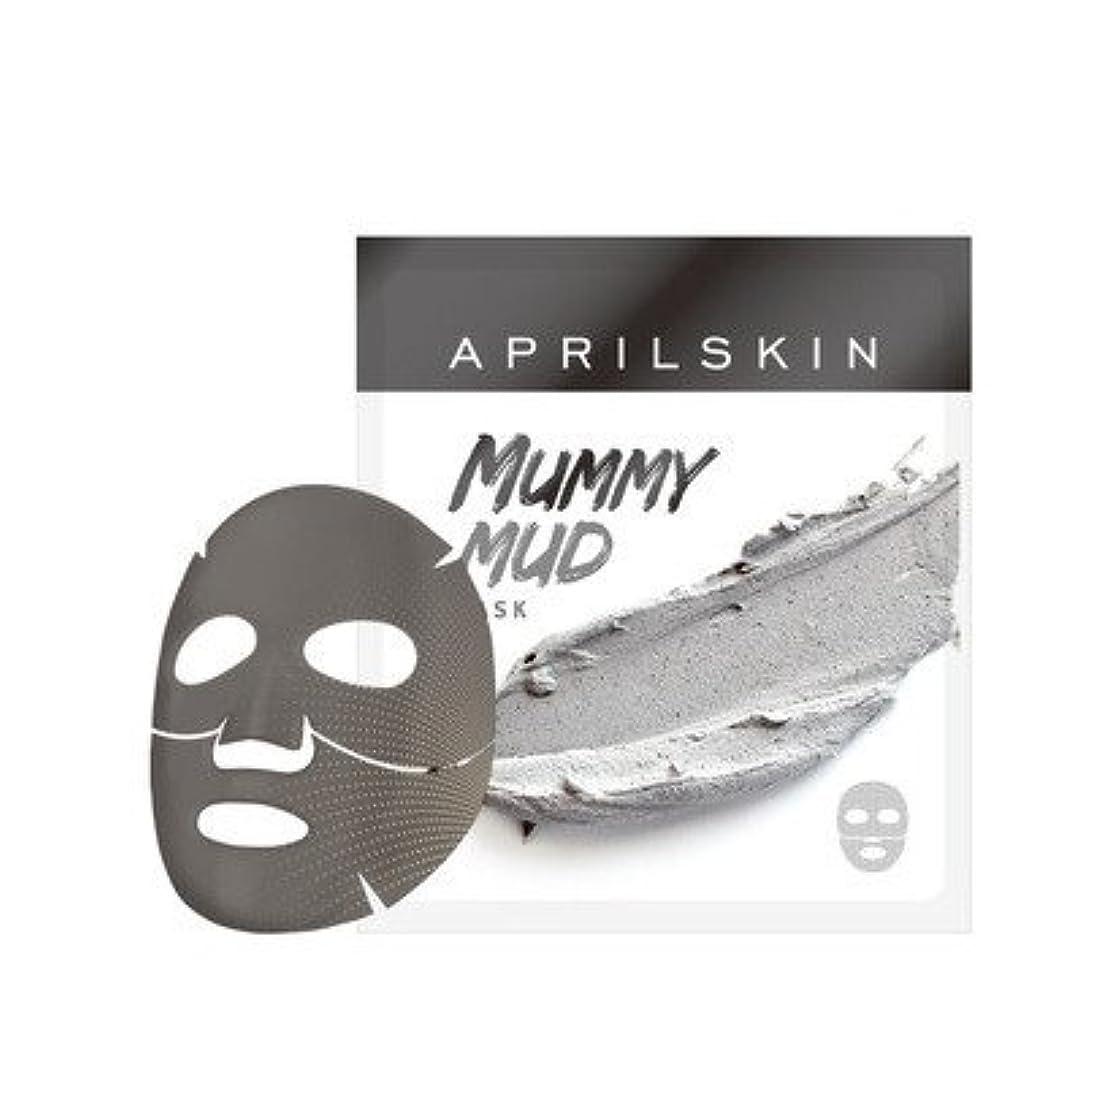 確認してください戻る保存APRILSKIN MUMMY MUD MASK/エイプリルスキン ミイラ泥マスク 1枚 [並行輸入品]